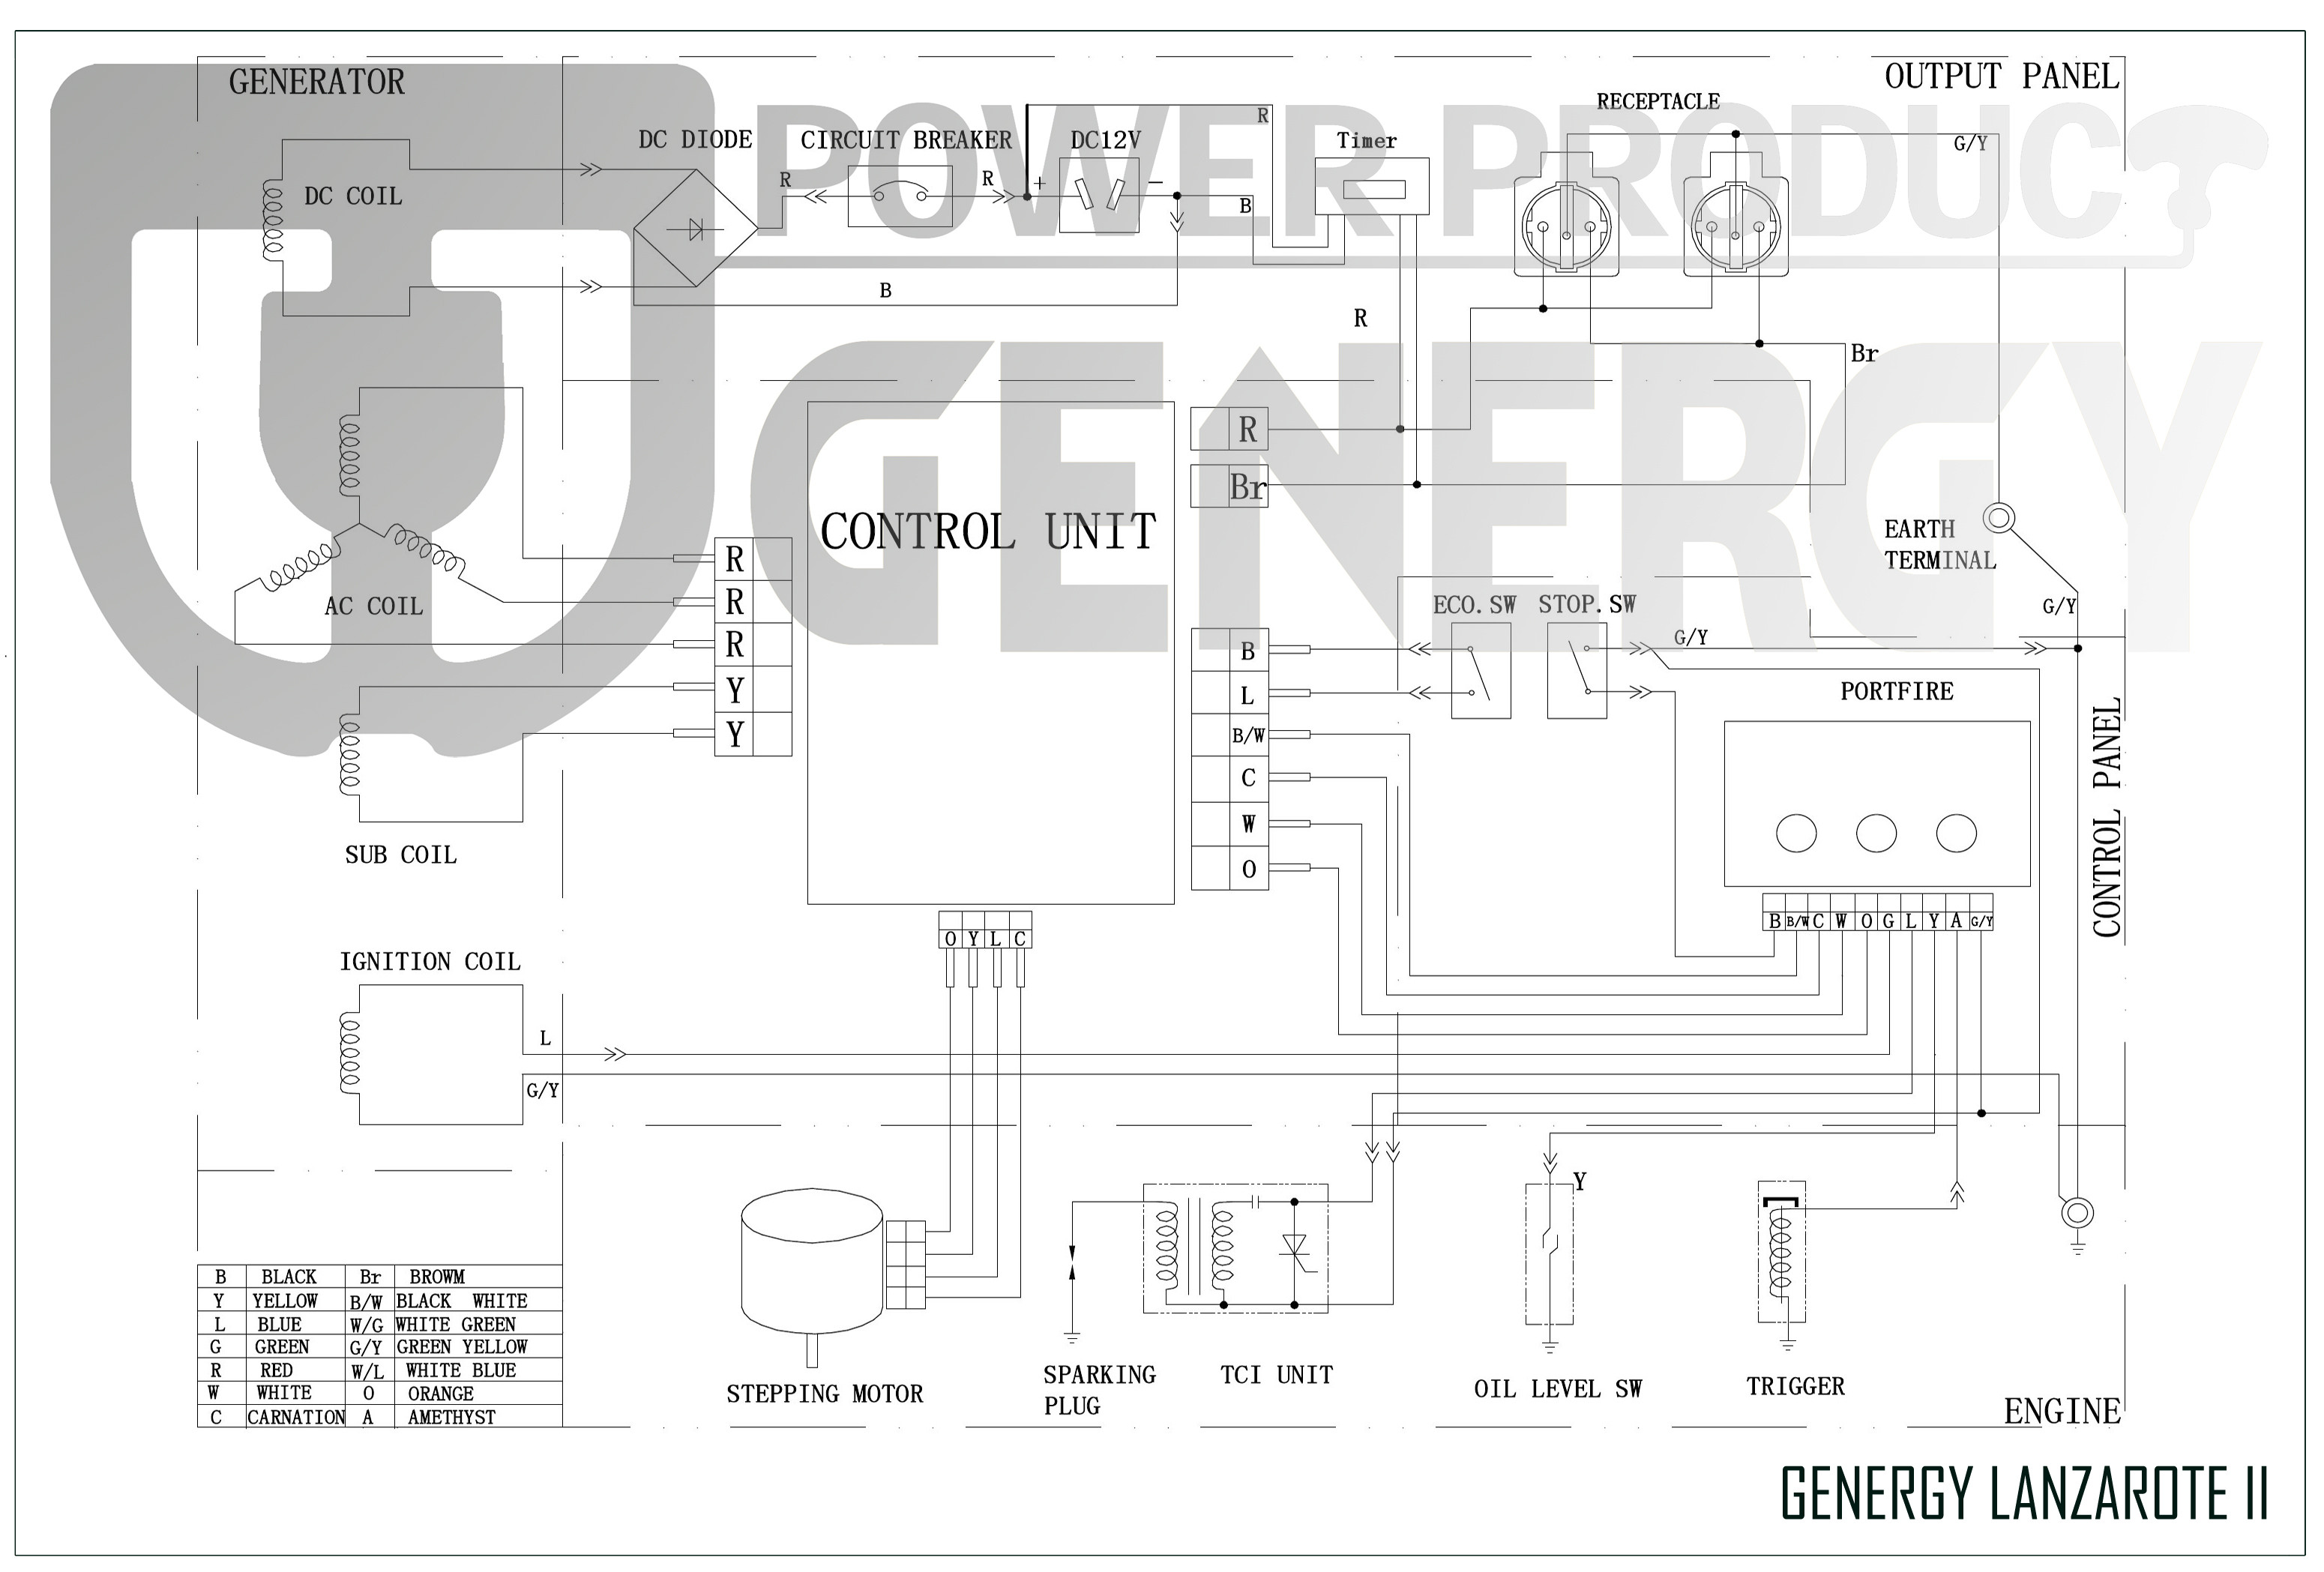 Esquema Generador Genergy lanzarote II Inverter